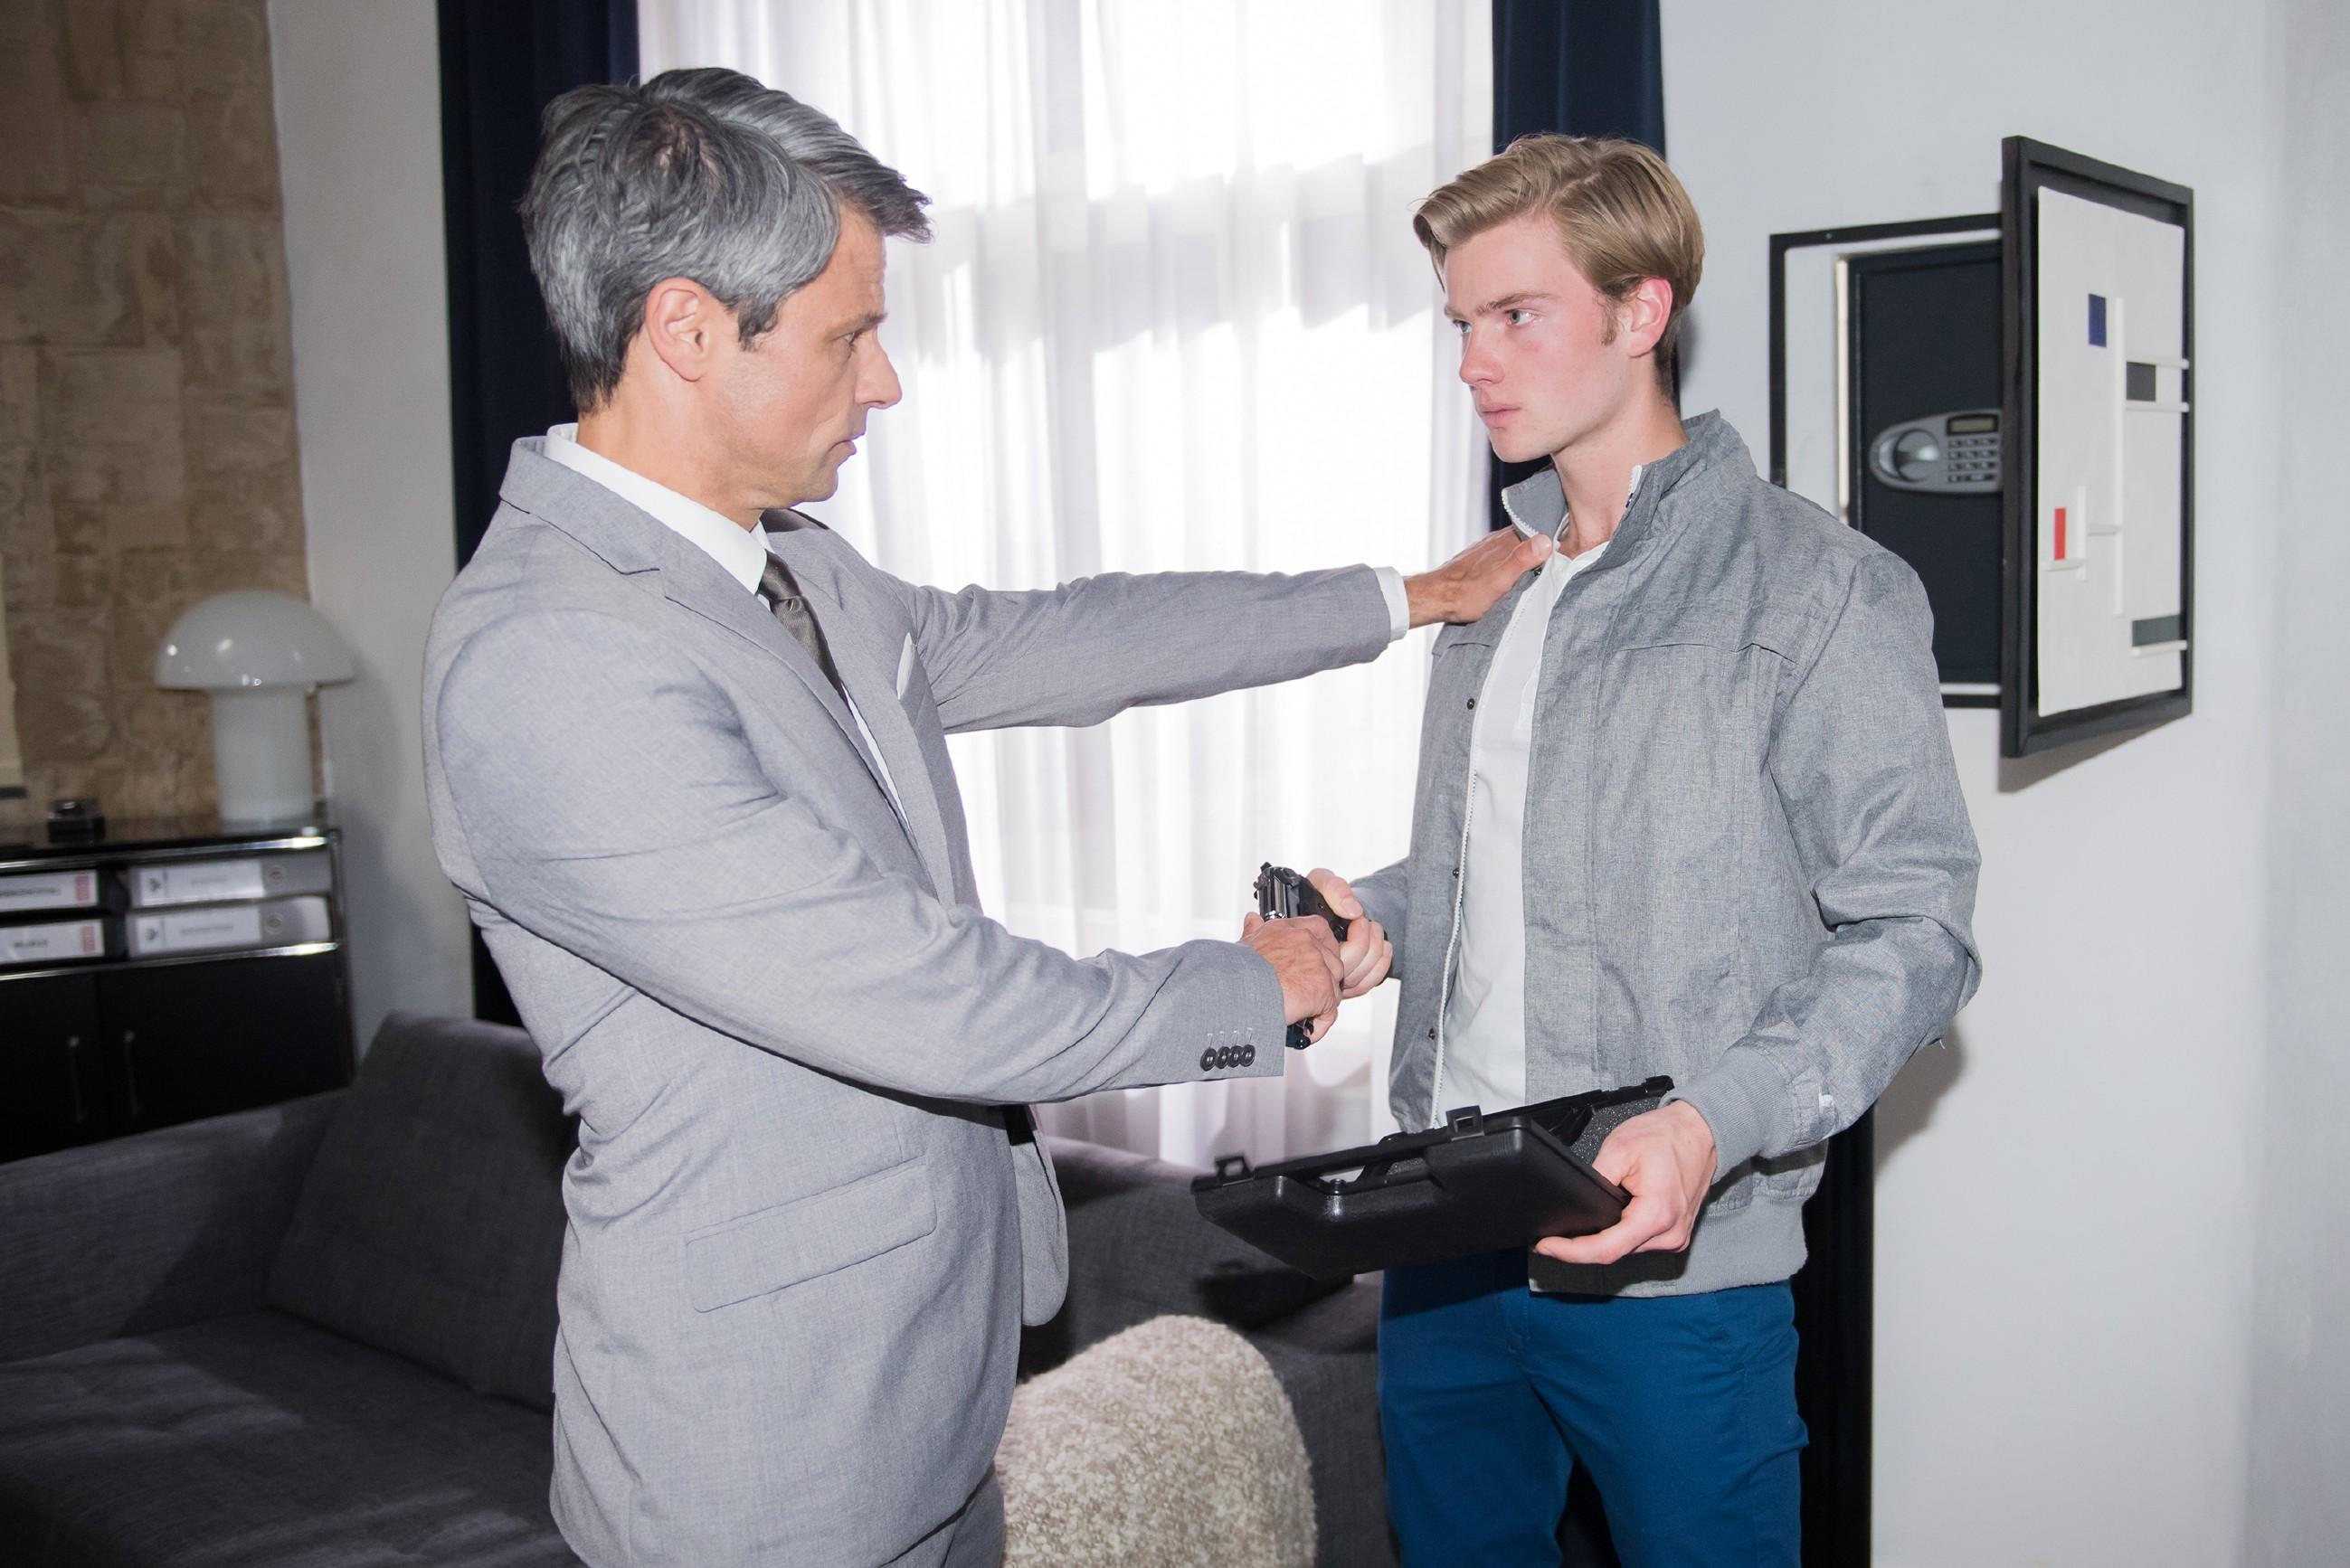 Als Valentin (Aaron Koszuta, r.) aus Angst vor Mario zu Benedikts (Jens Hajek) Waffe greift, wird er von seinem wütenden Vater erwischt.